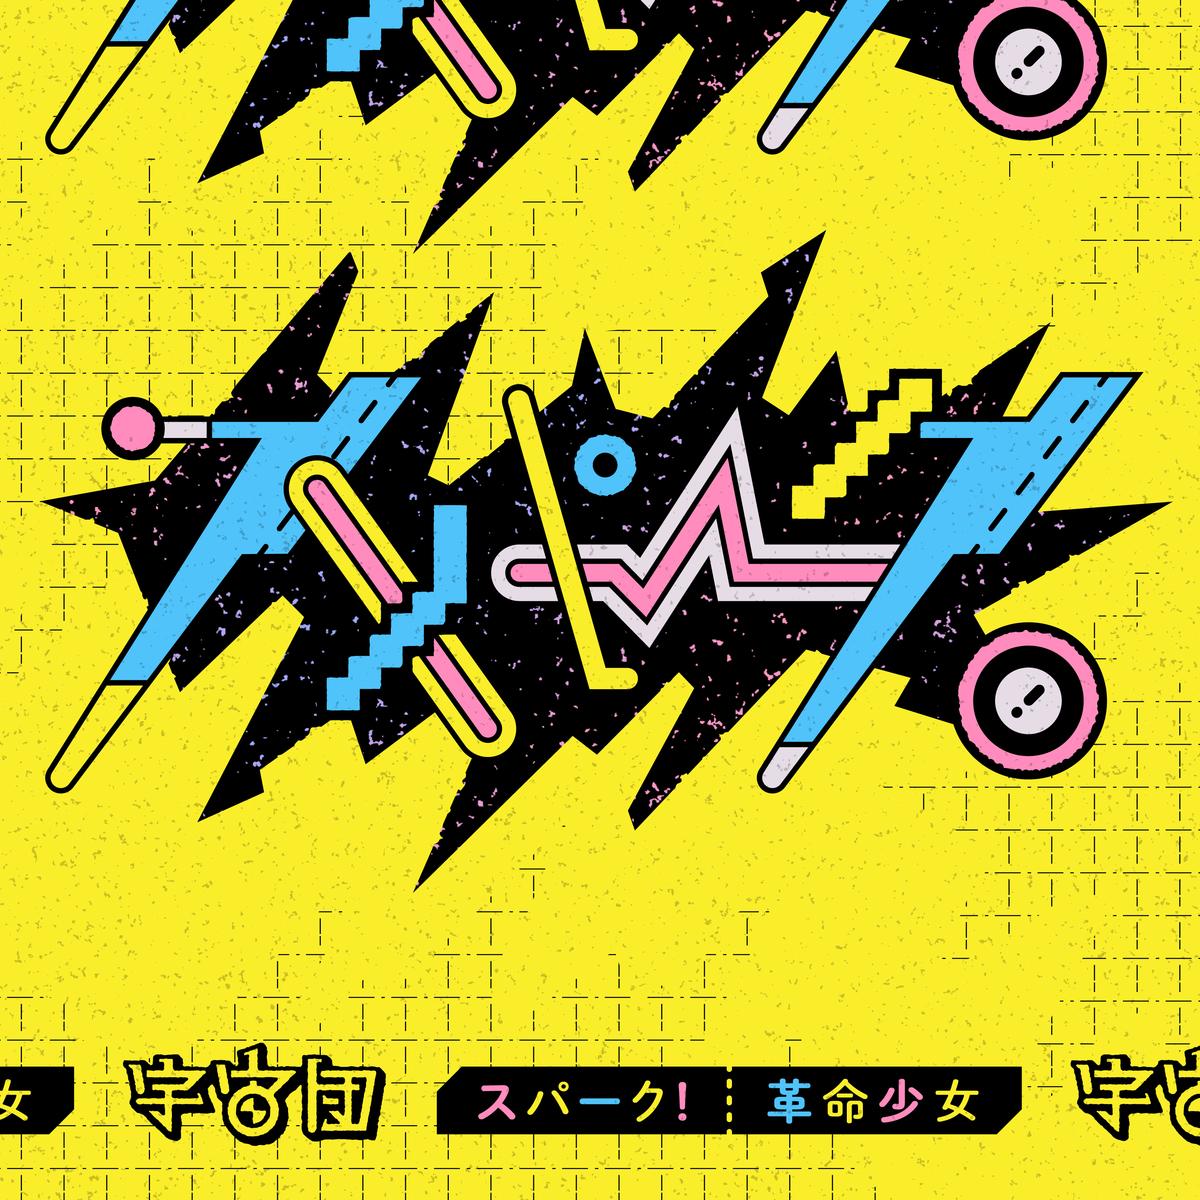 f:id:tsuchichan:20200610235316j:plain